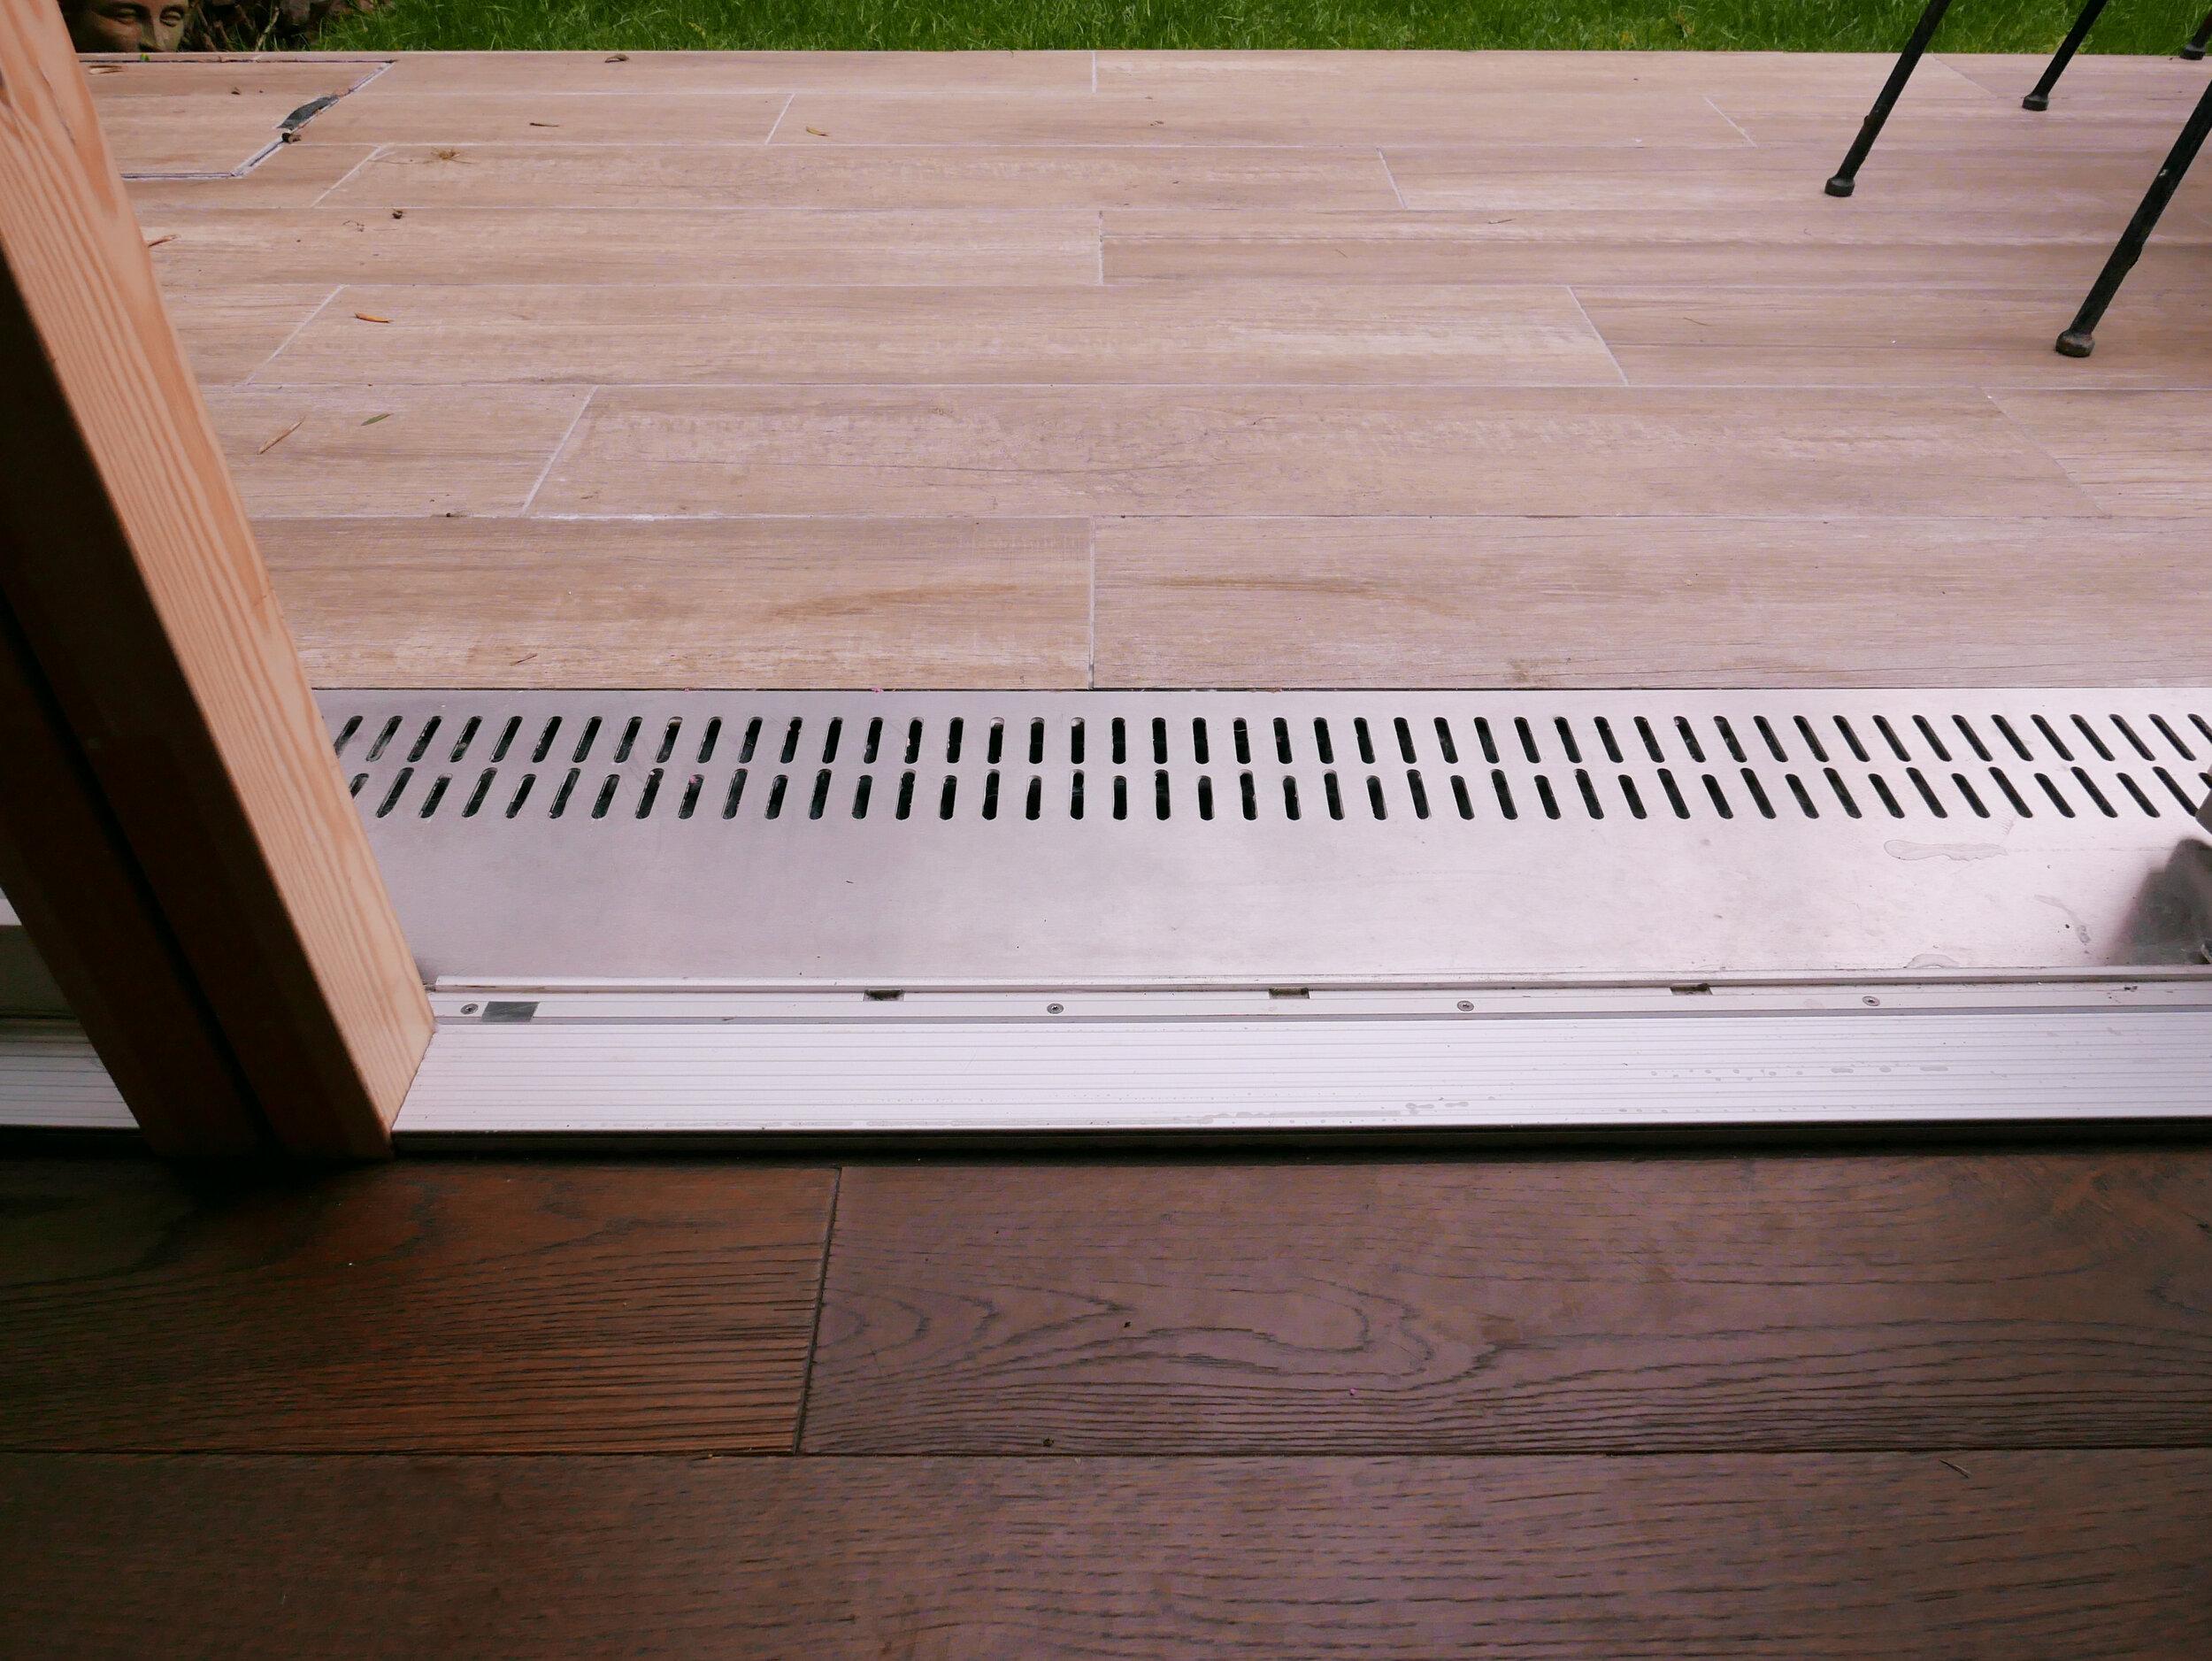 Essex Laser Bespoke Flush Threshold Accessible Design Architecture